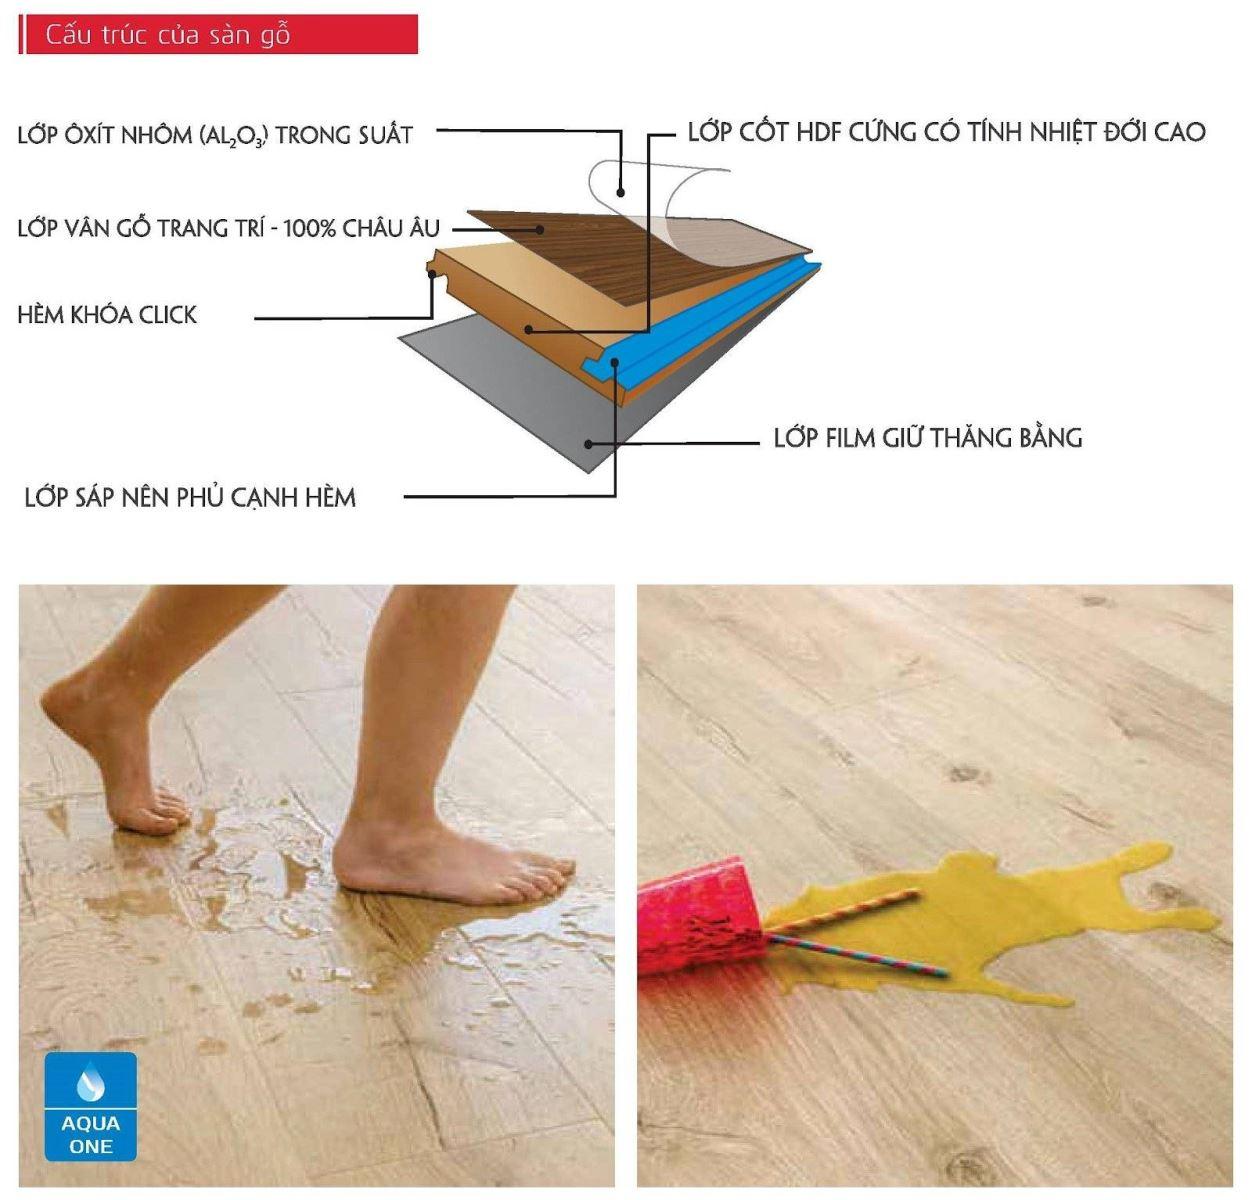 Sơ đồ cấu tạo của sàn gỗ chống thấm